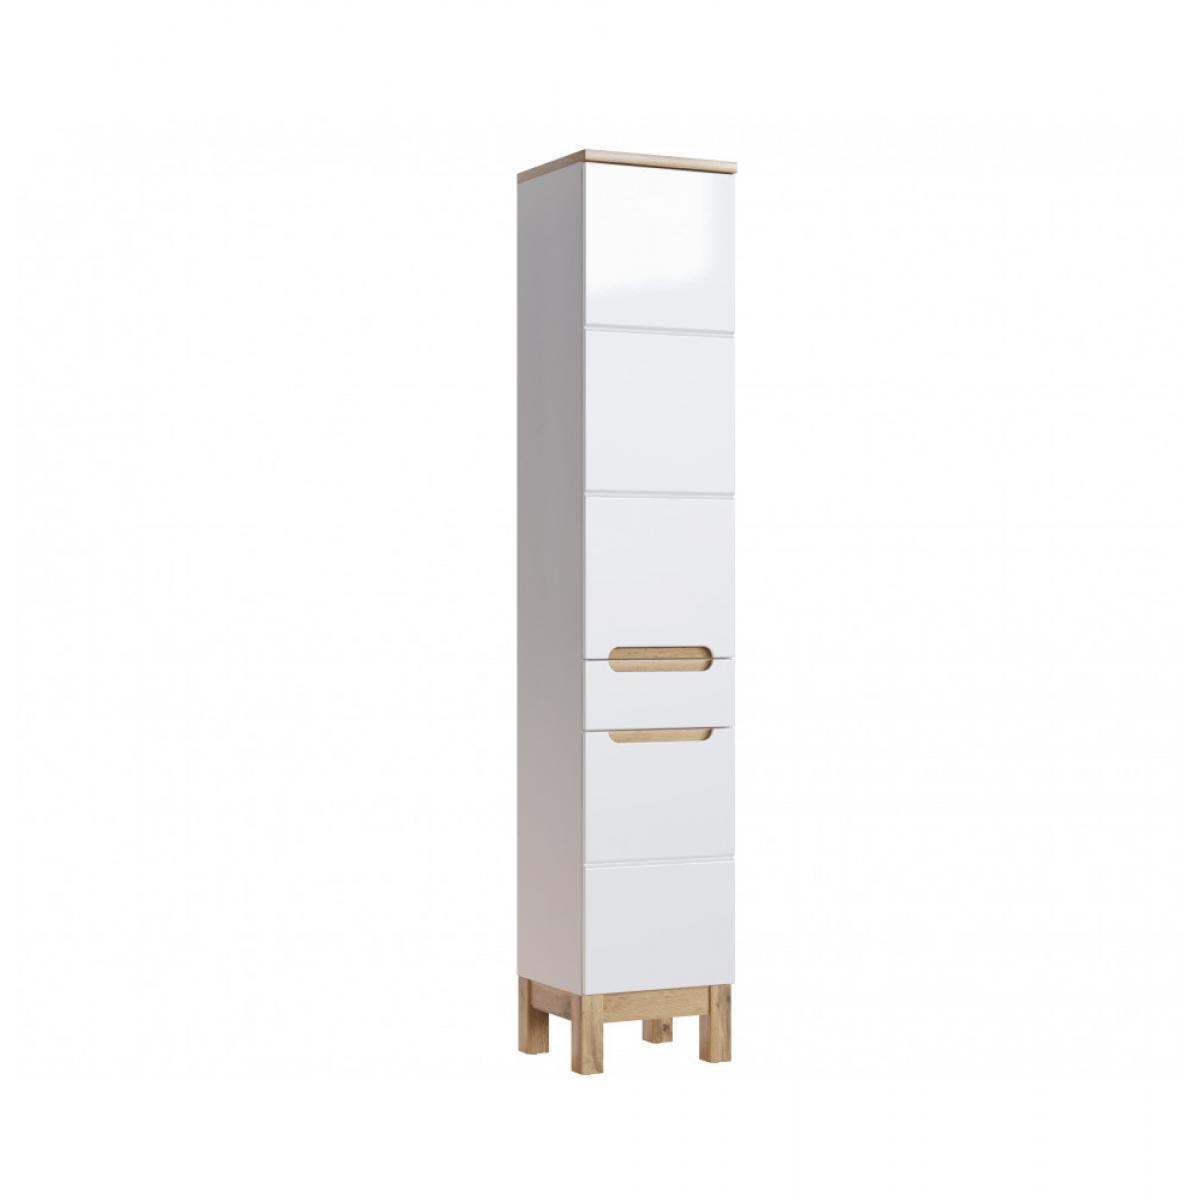 Ac-Deco Grande armoire - 35 x 33 x 187 cm - Bali White